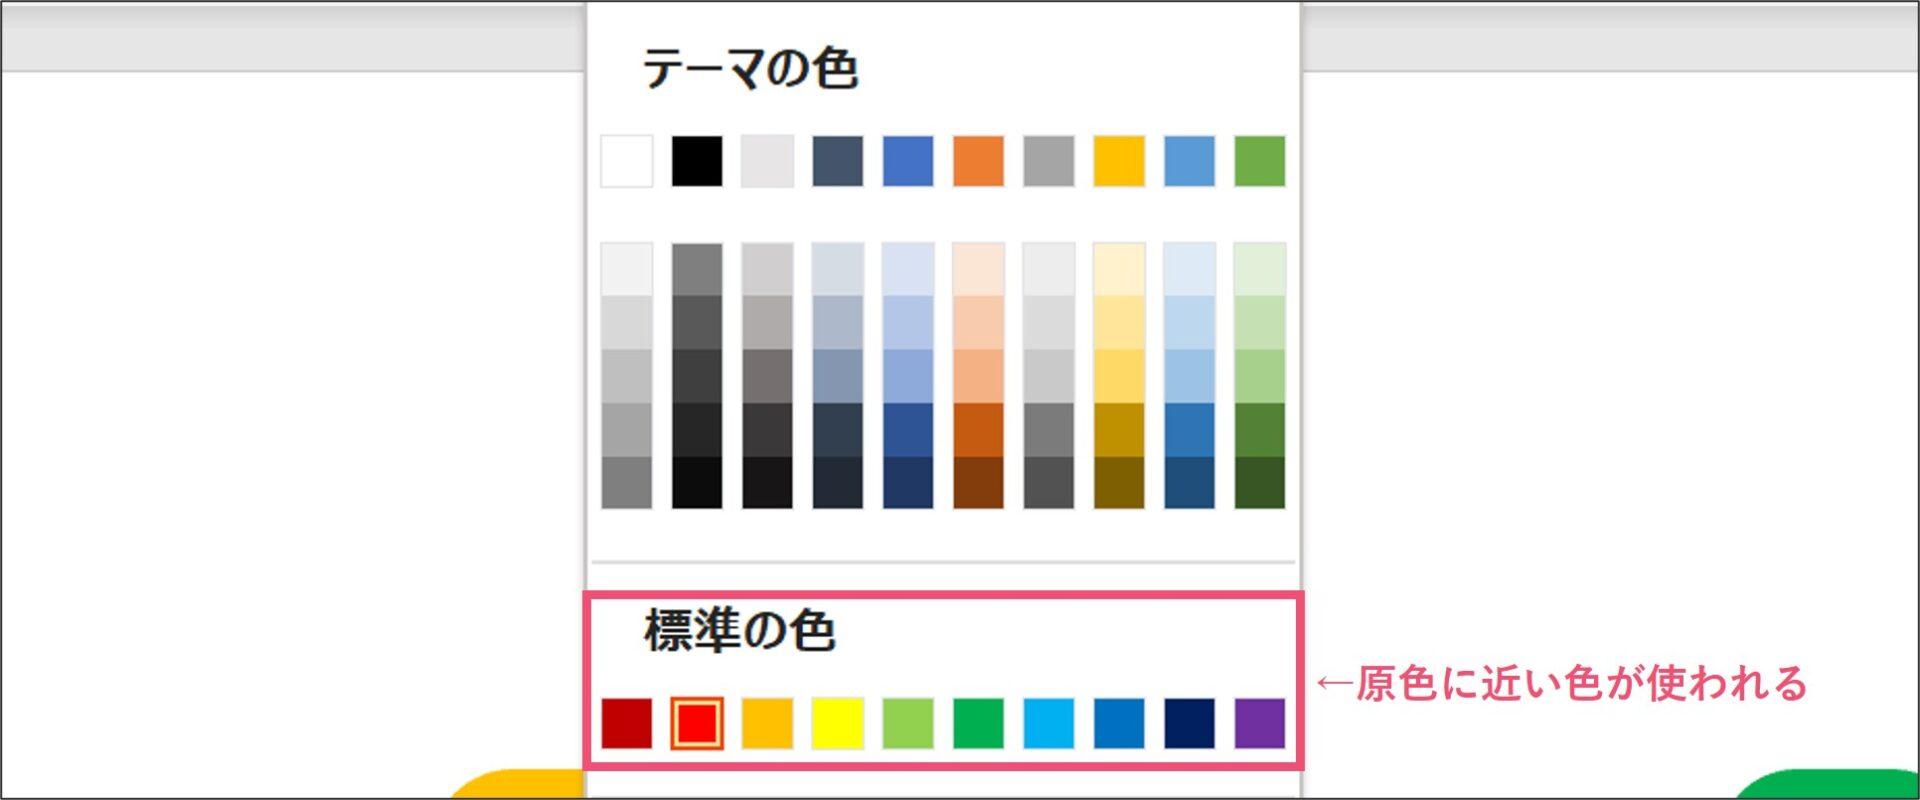 パワーポイントの標準の色は、原色が使われている